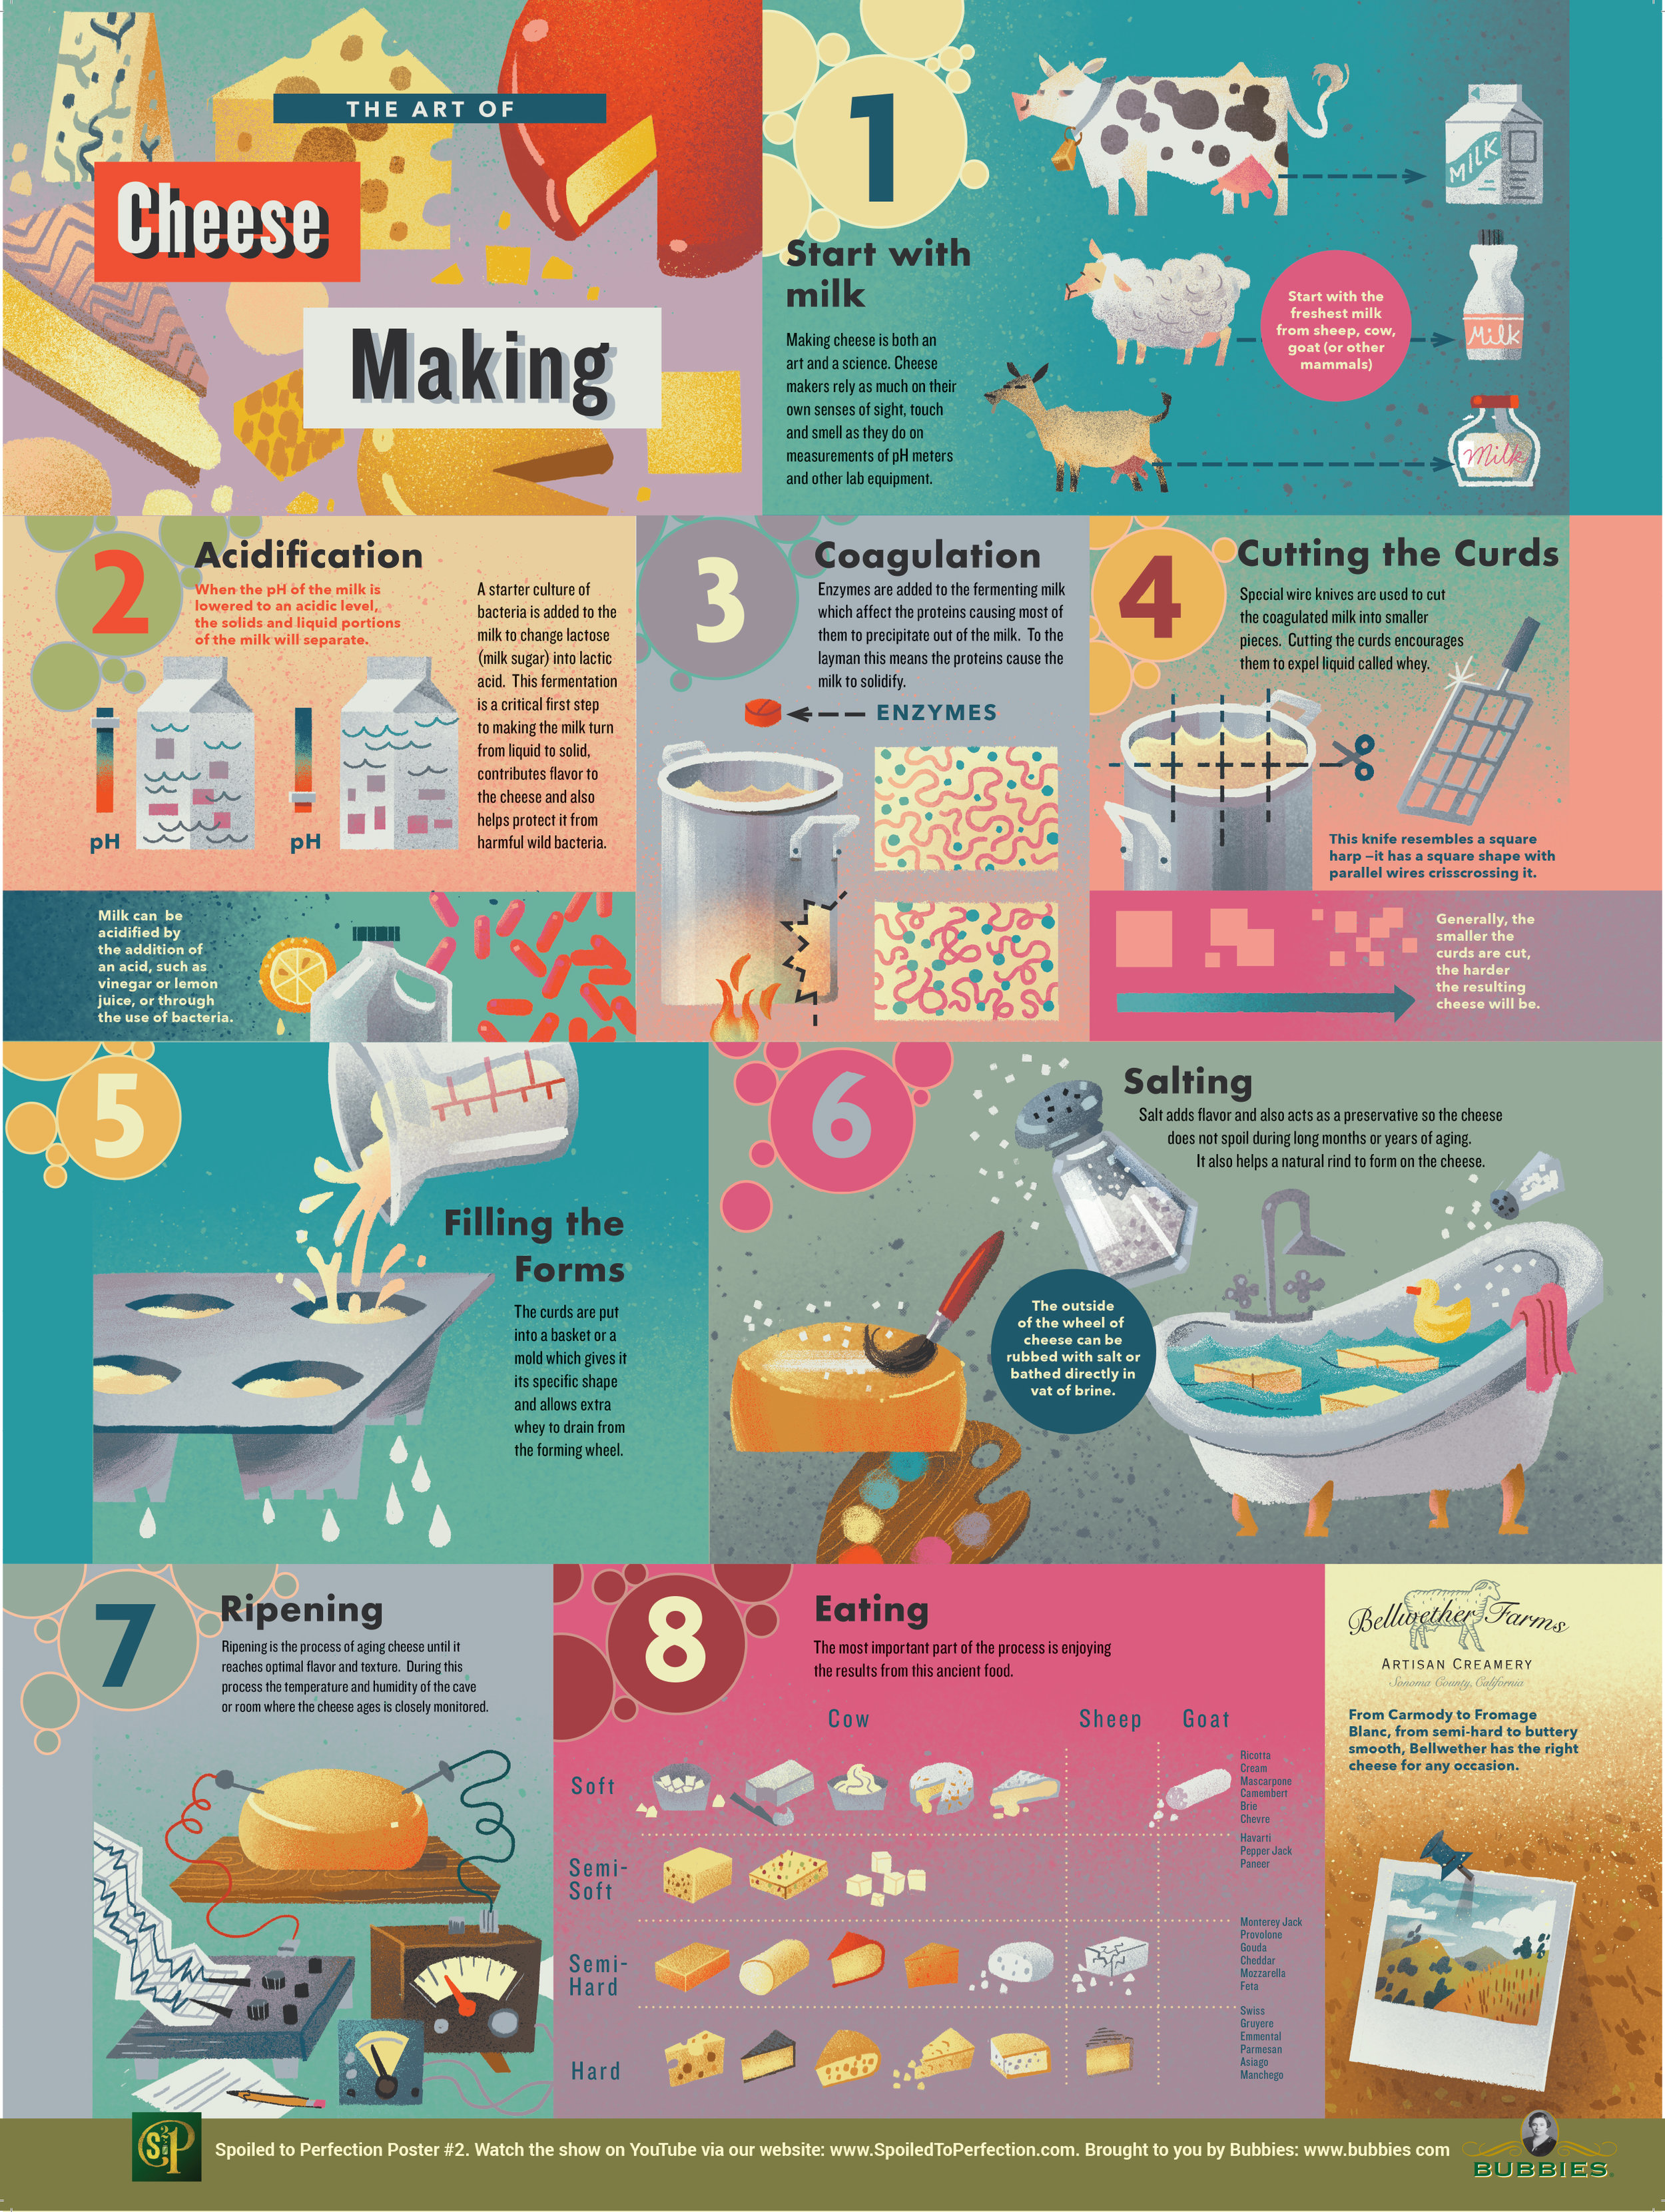 CheesemakingPosterFINAL.jpg